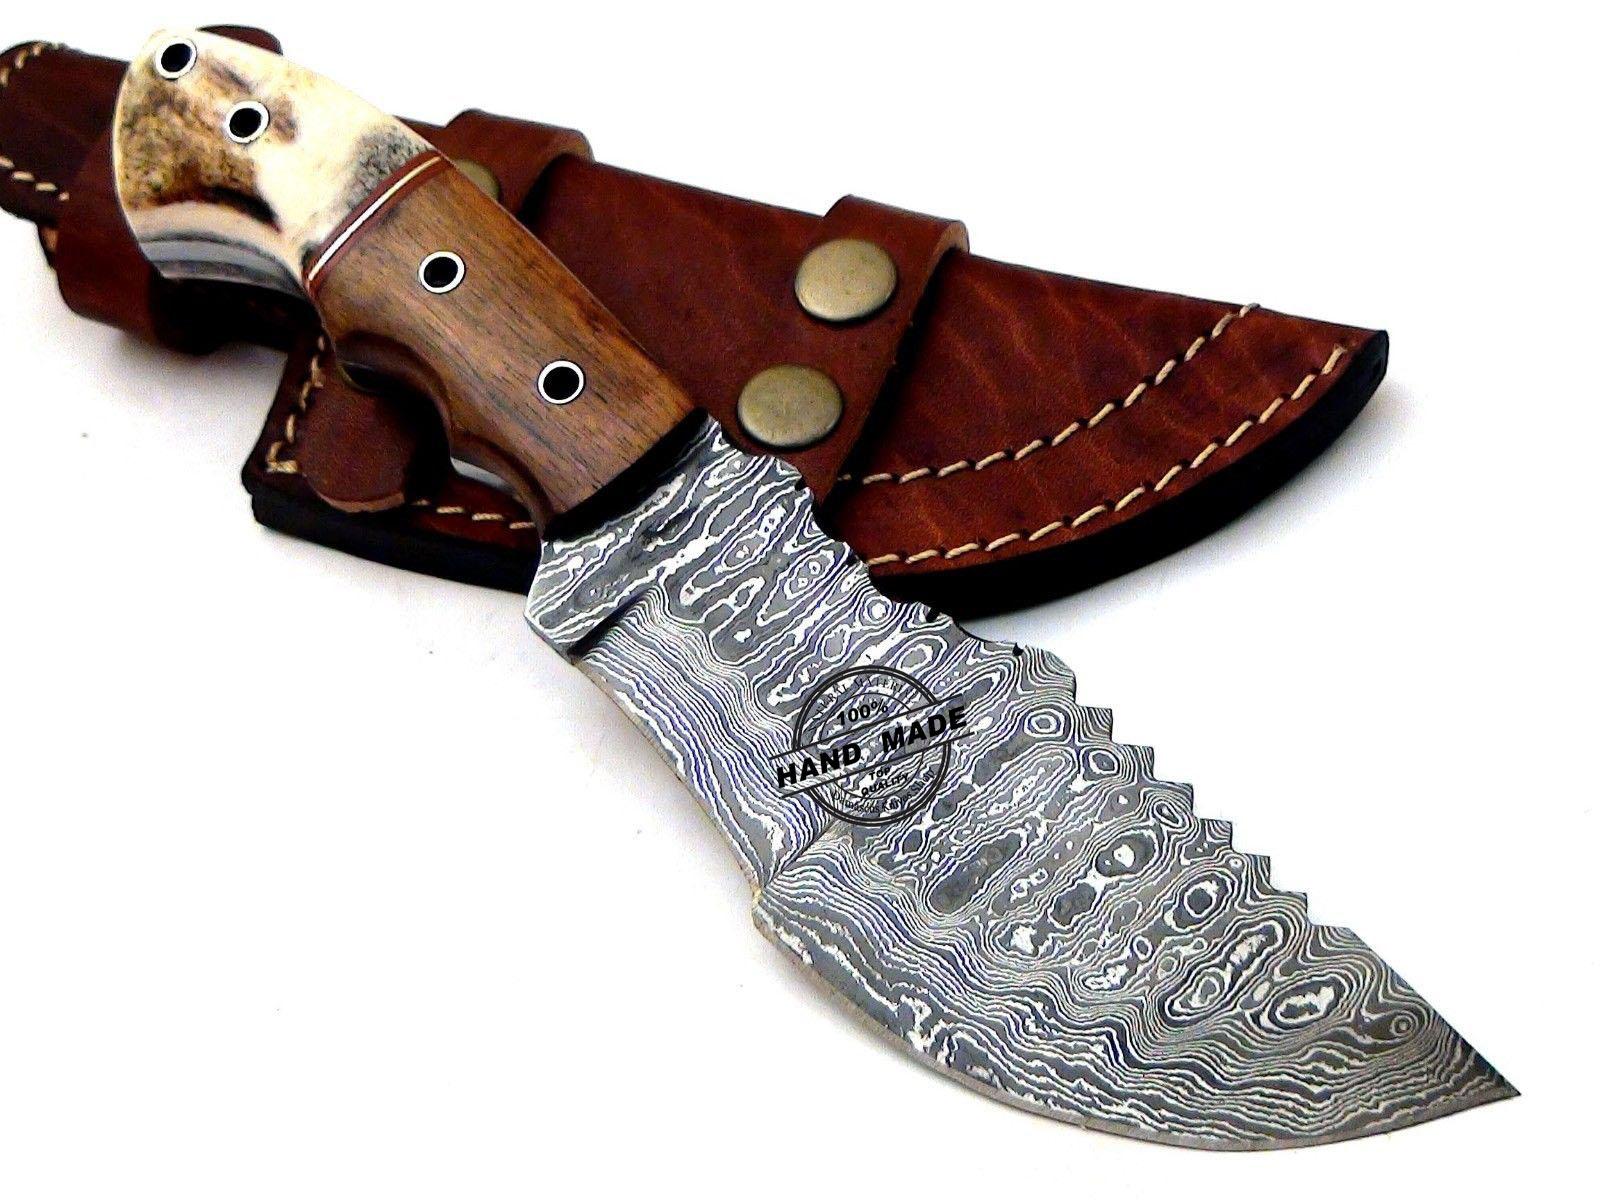 New Damascus Tracker Knife Custom Handmade Damascus Steel